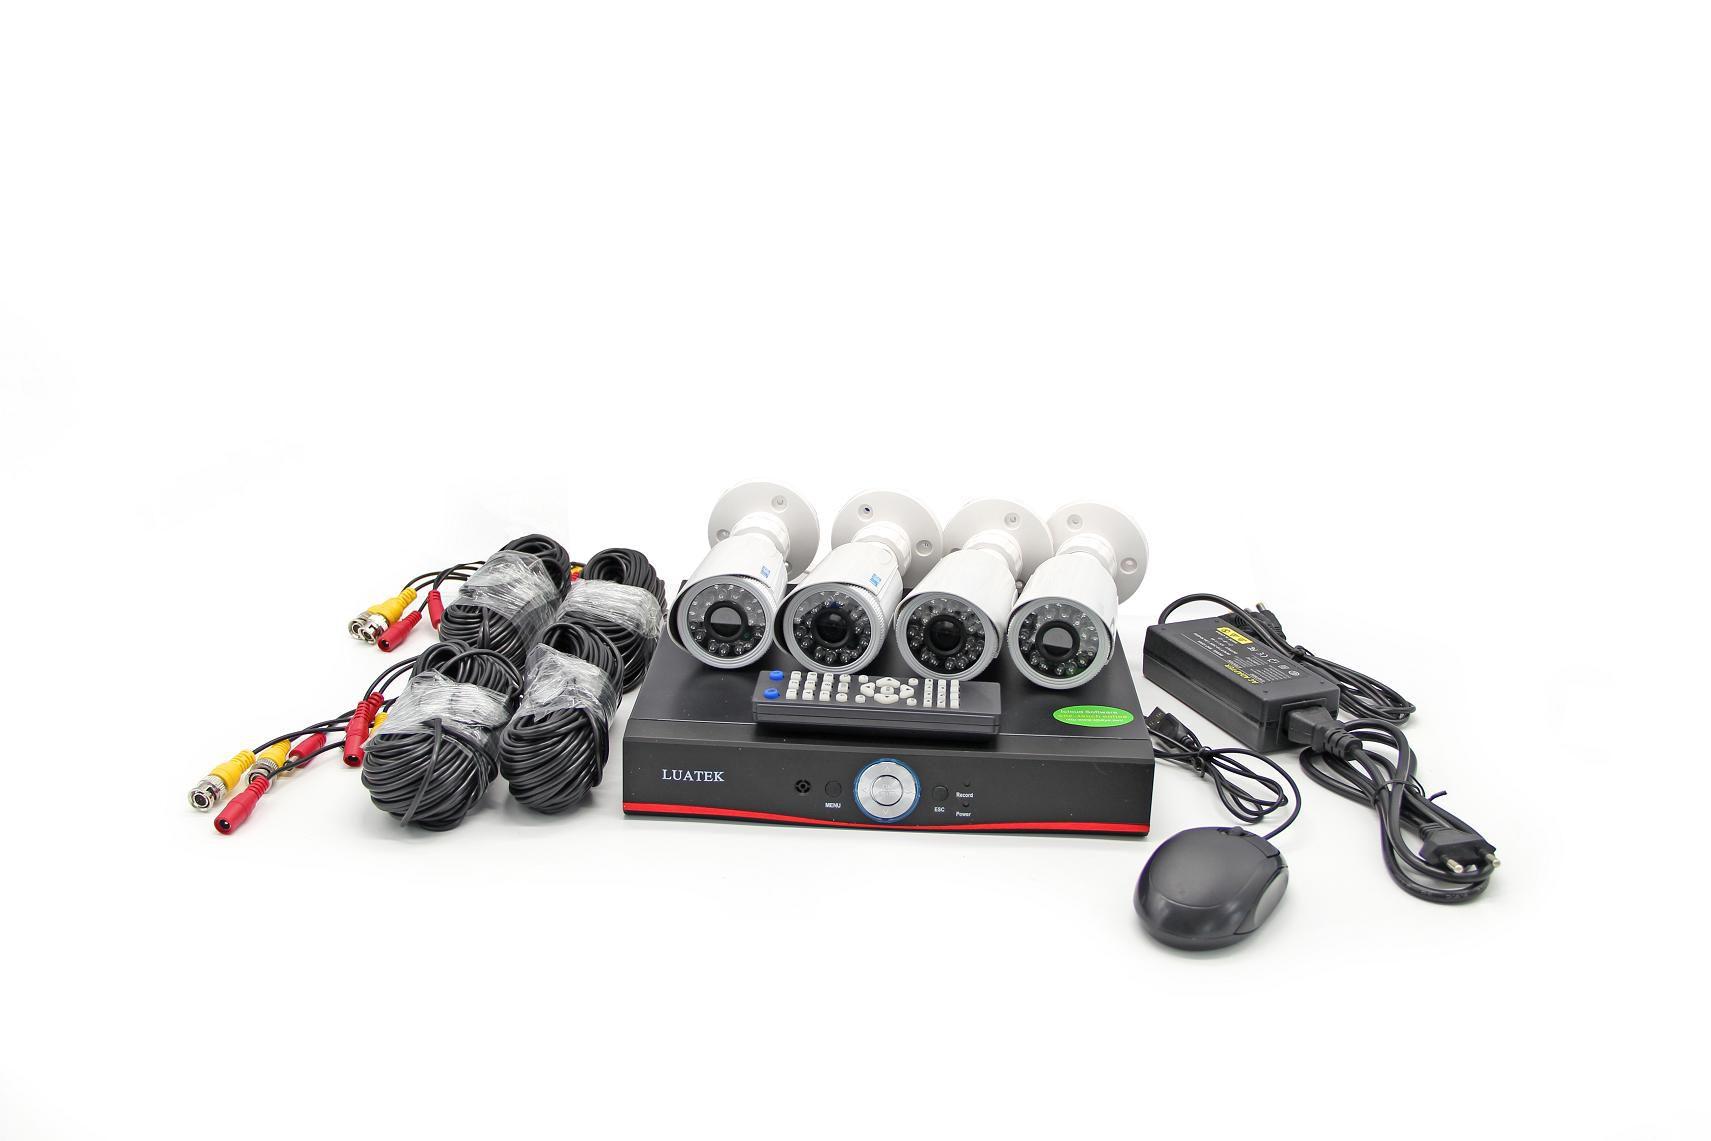 Kit De Câmera com 4 Cameras Full-HD Cabos e fonte LKK124 Luatek